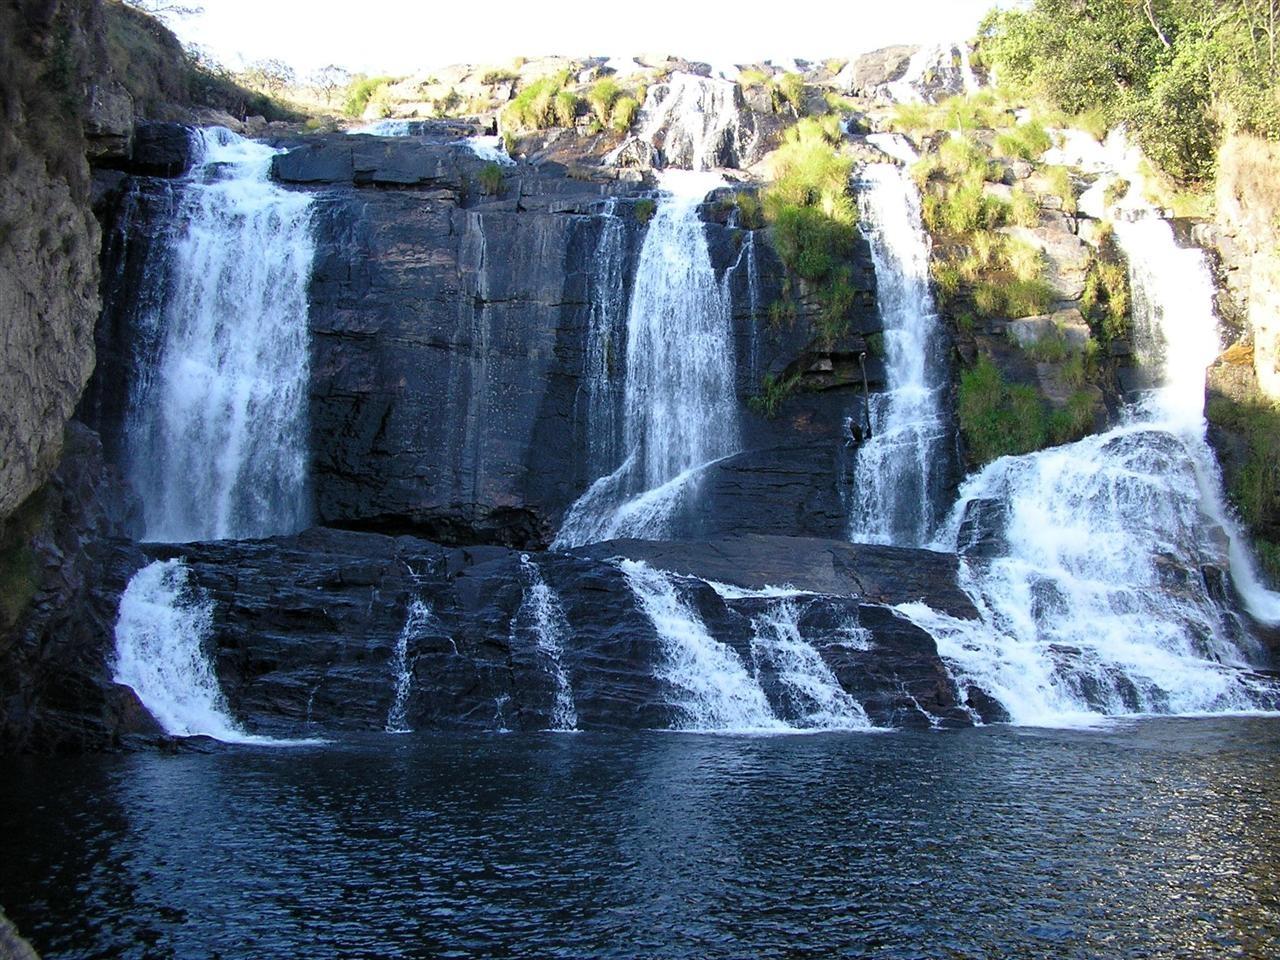 http://1.bp.blogspot.com/-eoasovhWEyY/TlF3nlF8sXI/AAAAAAAAbAc/UP5--On9JTA/s1600/Cachoeira+Na+Serra+Da+Canastra+-+Minas+Gerais.jpg